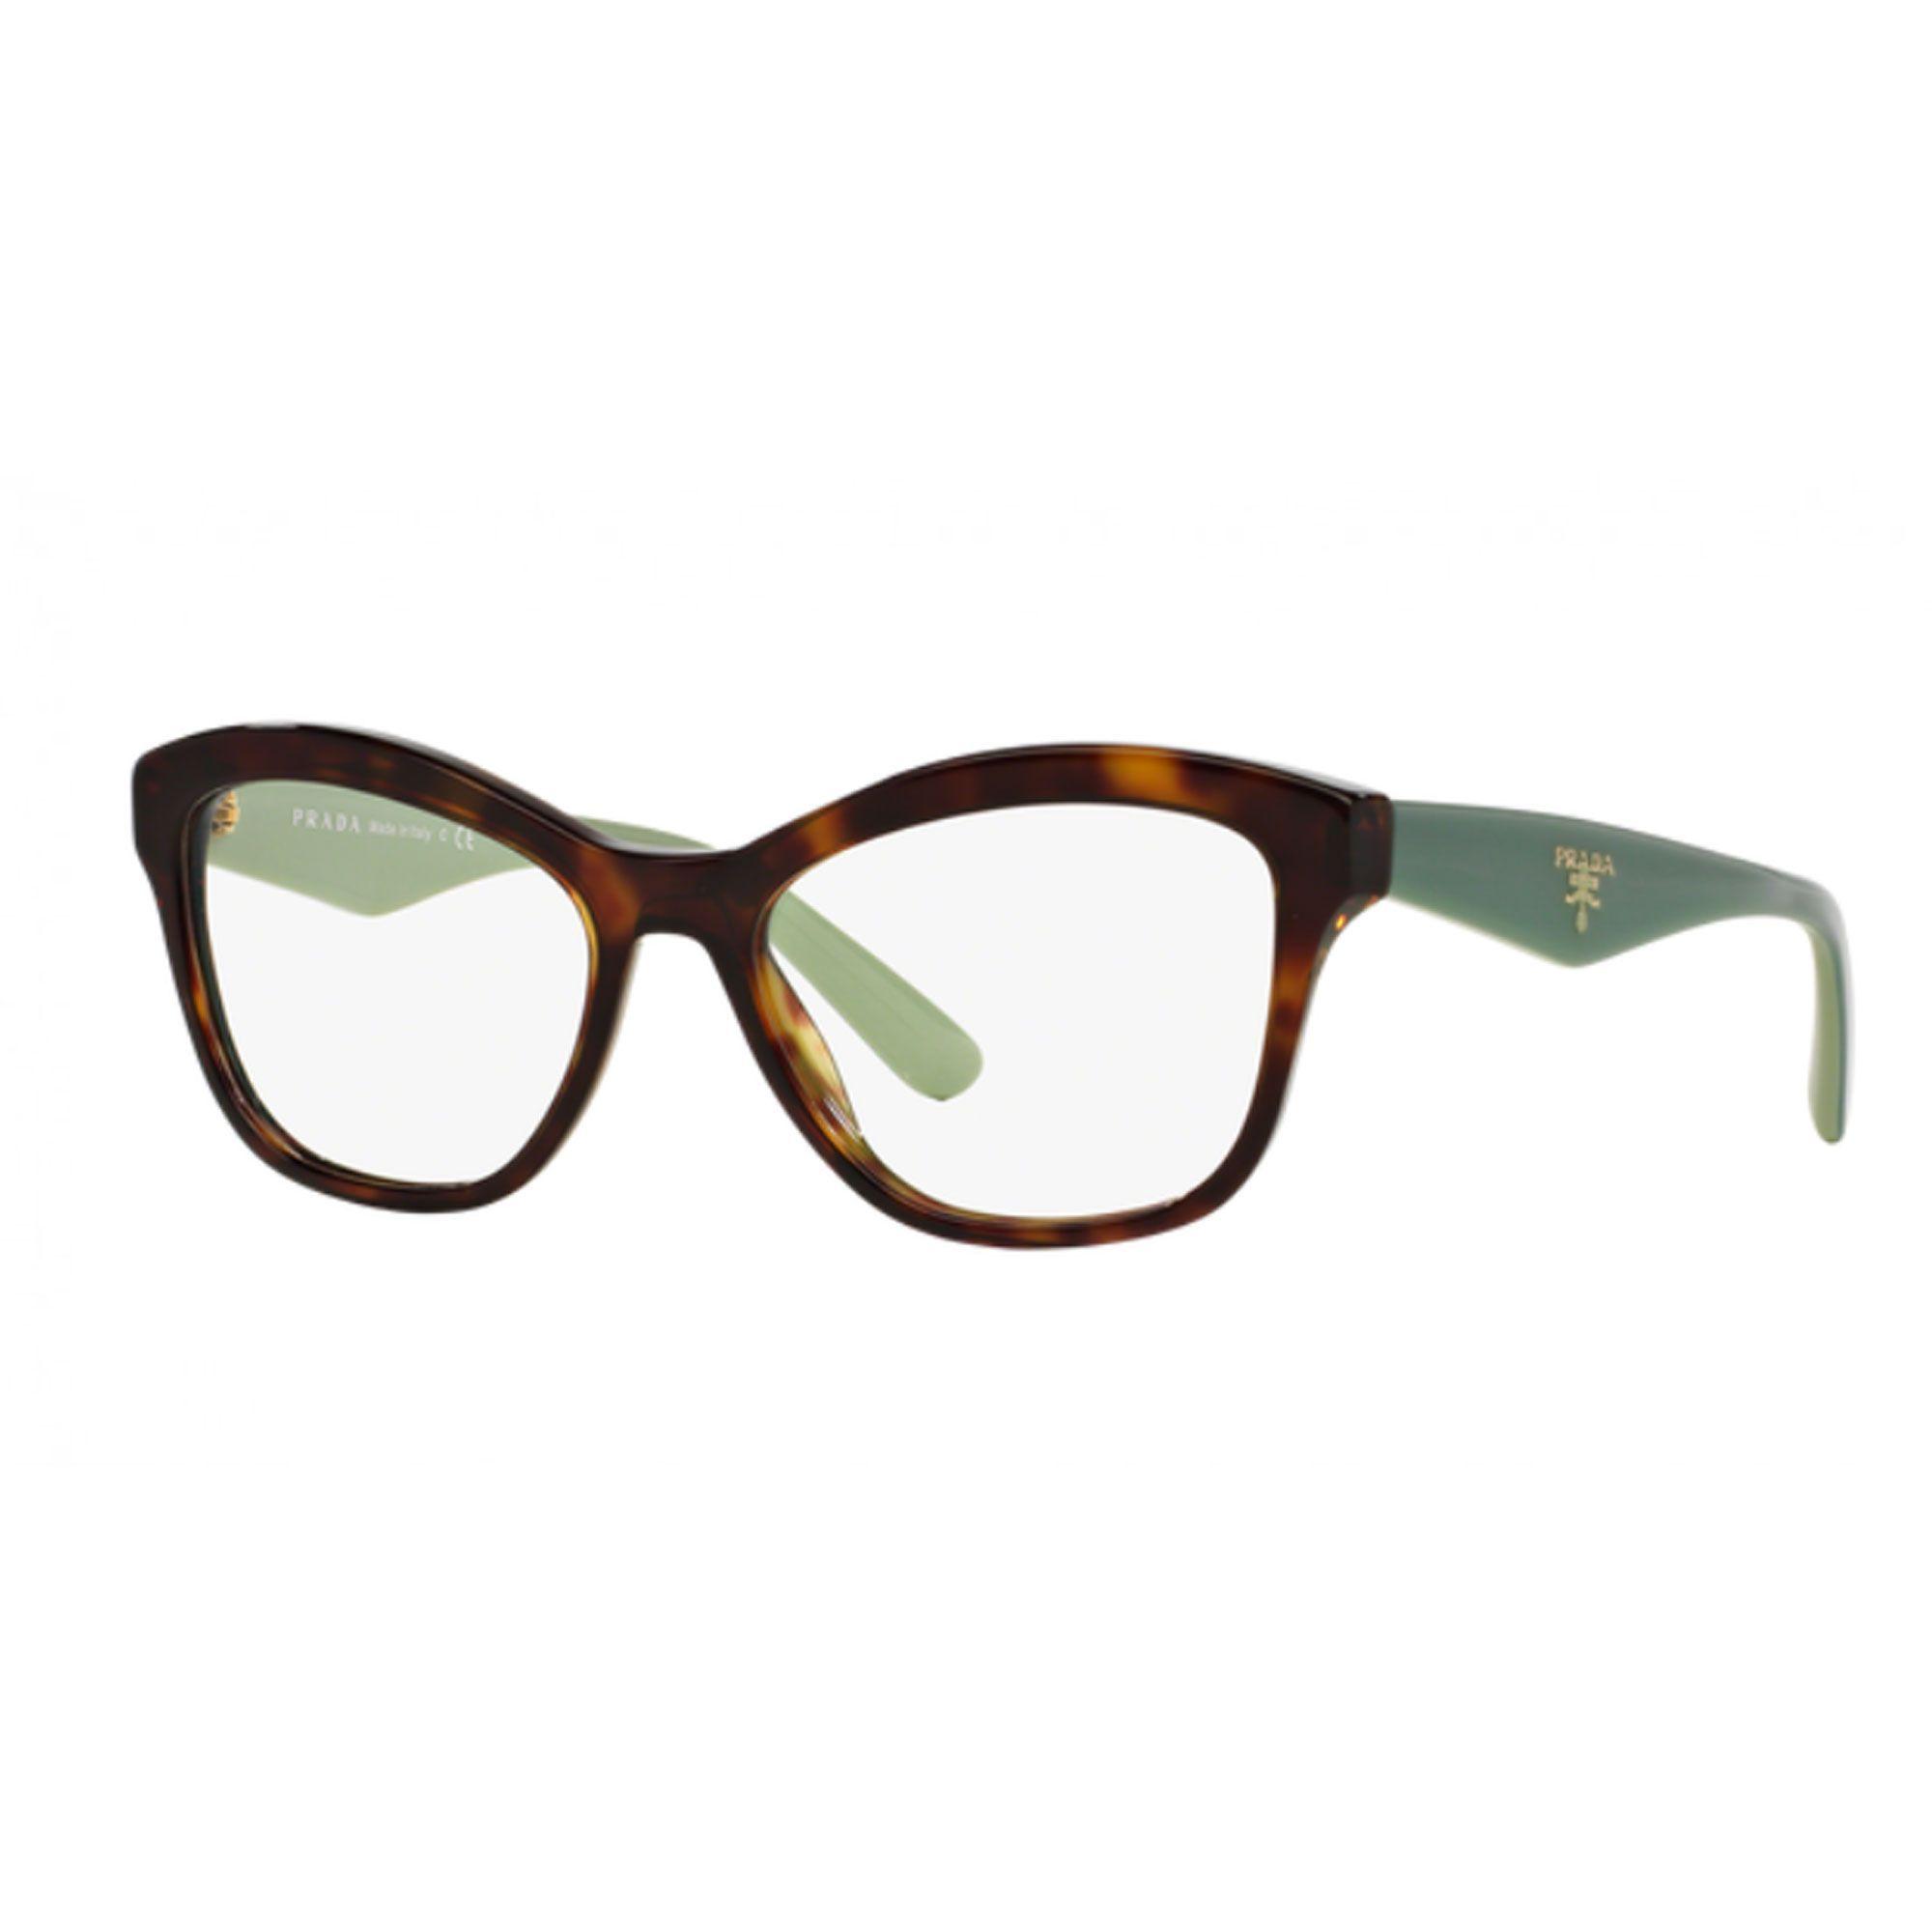 acdc1608d Óculos de Grau Prada | Óculos de Grau Feminino Prada PR29RV-2AU1O1